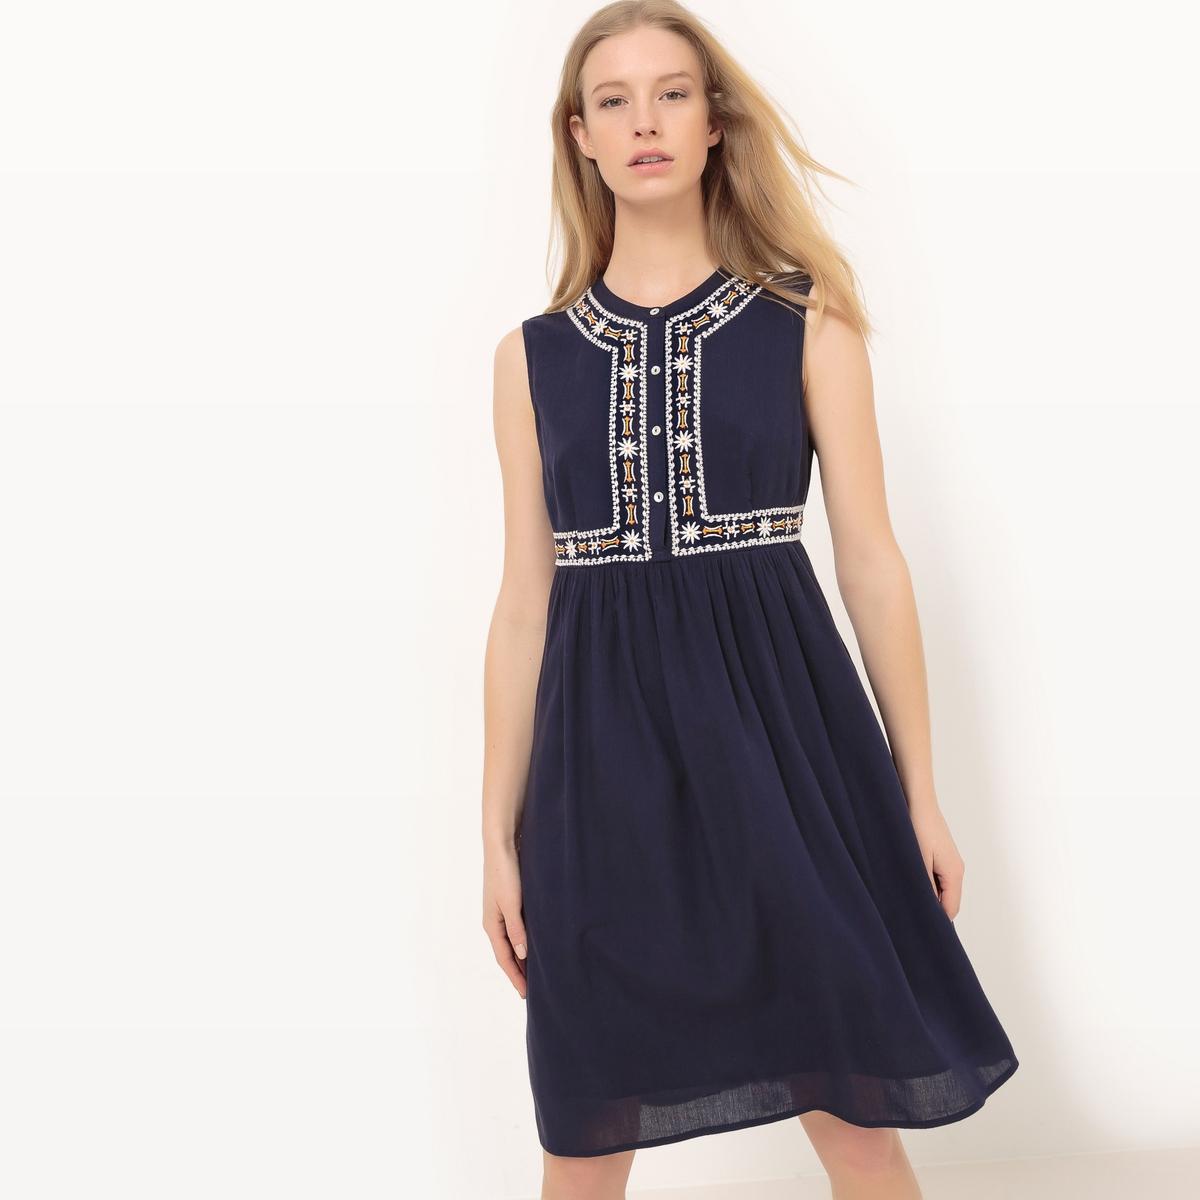 Платье однотонное средней длины, расширяющееся к низу